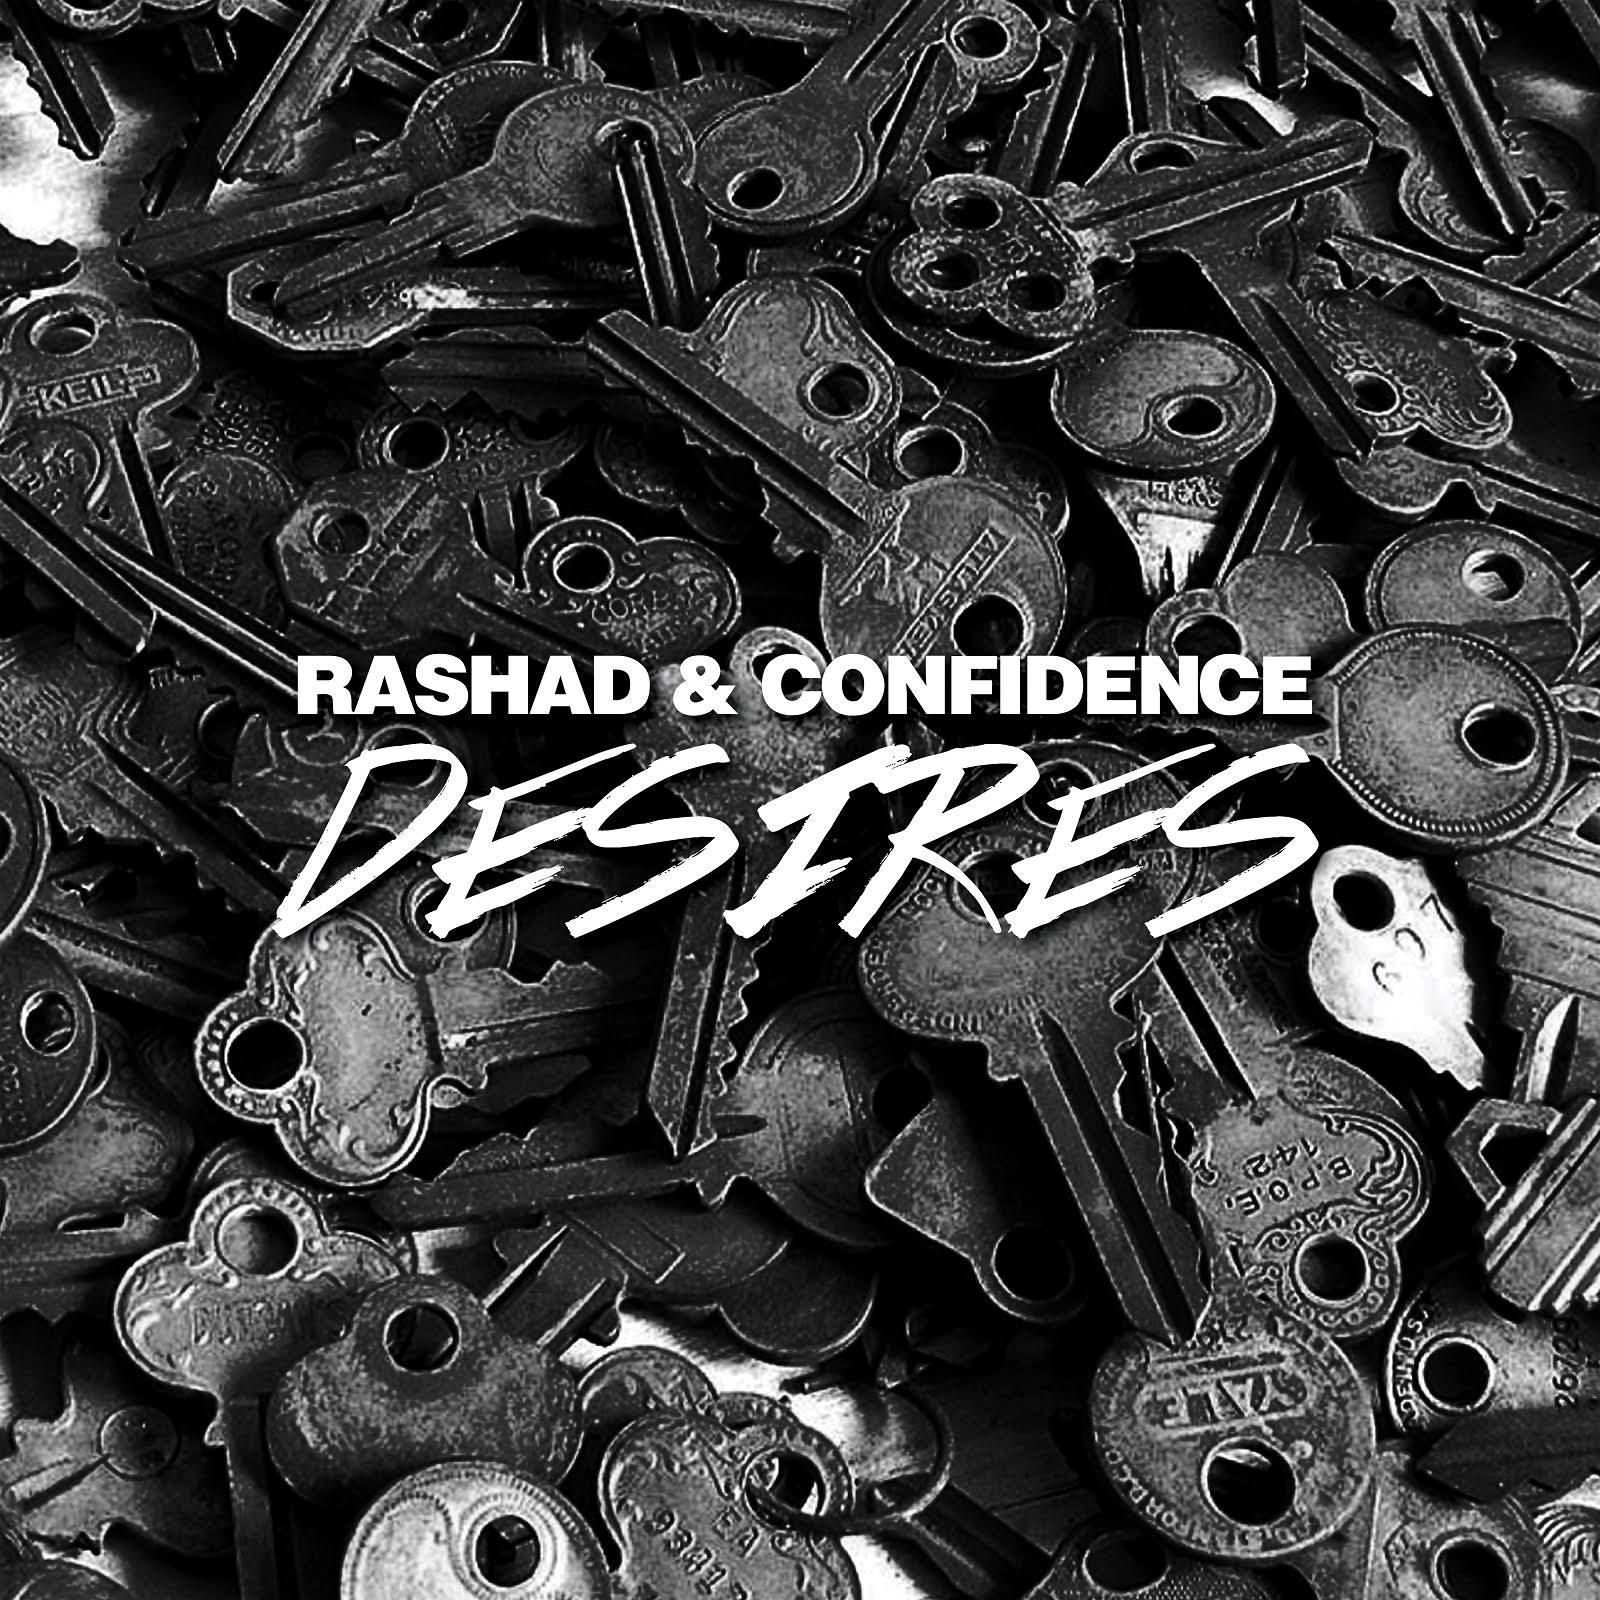 Rashad___confidence_desires